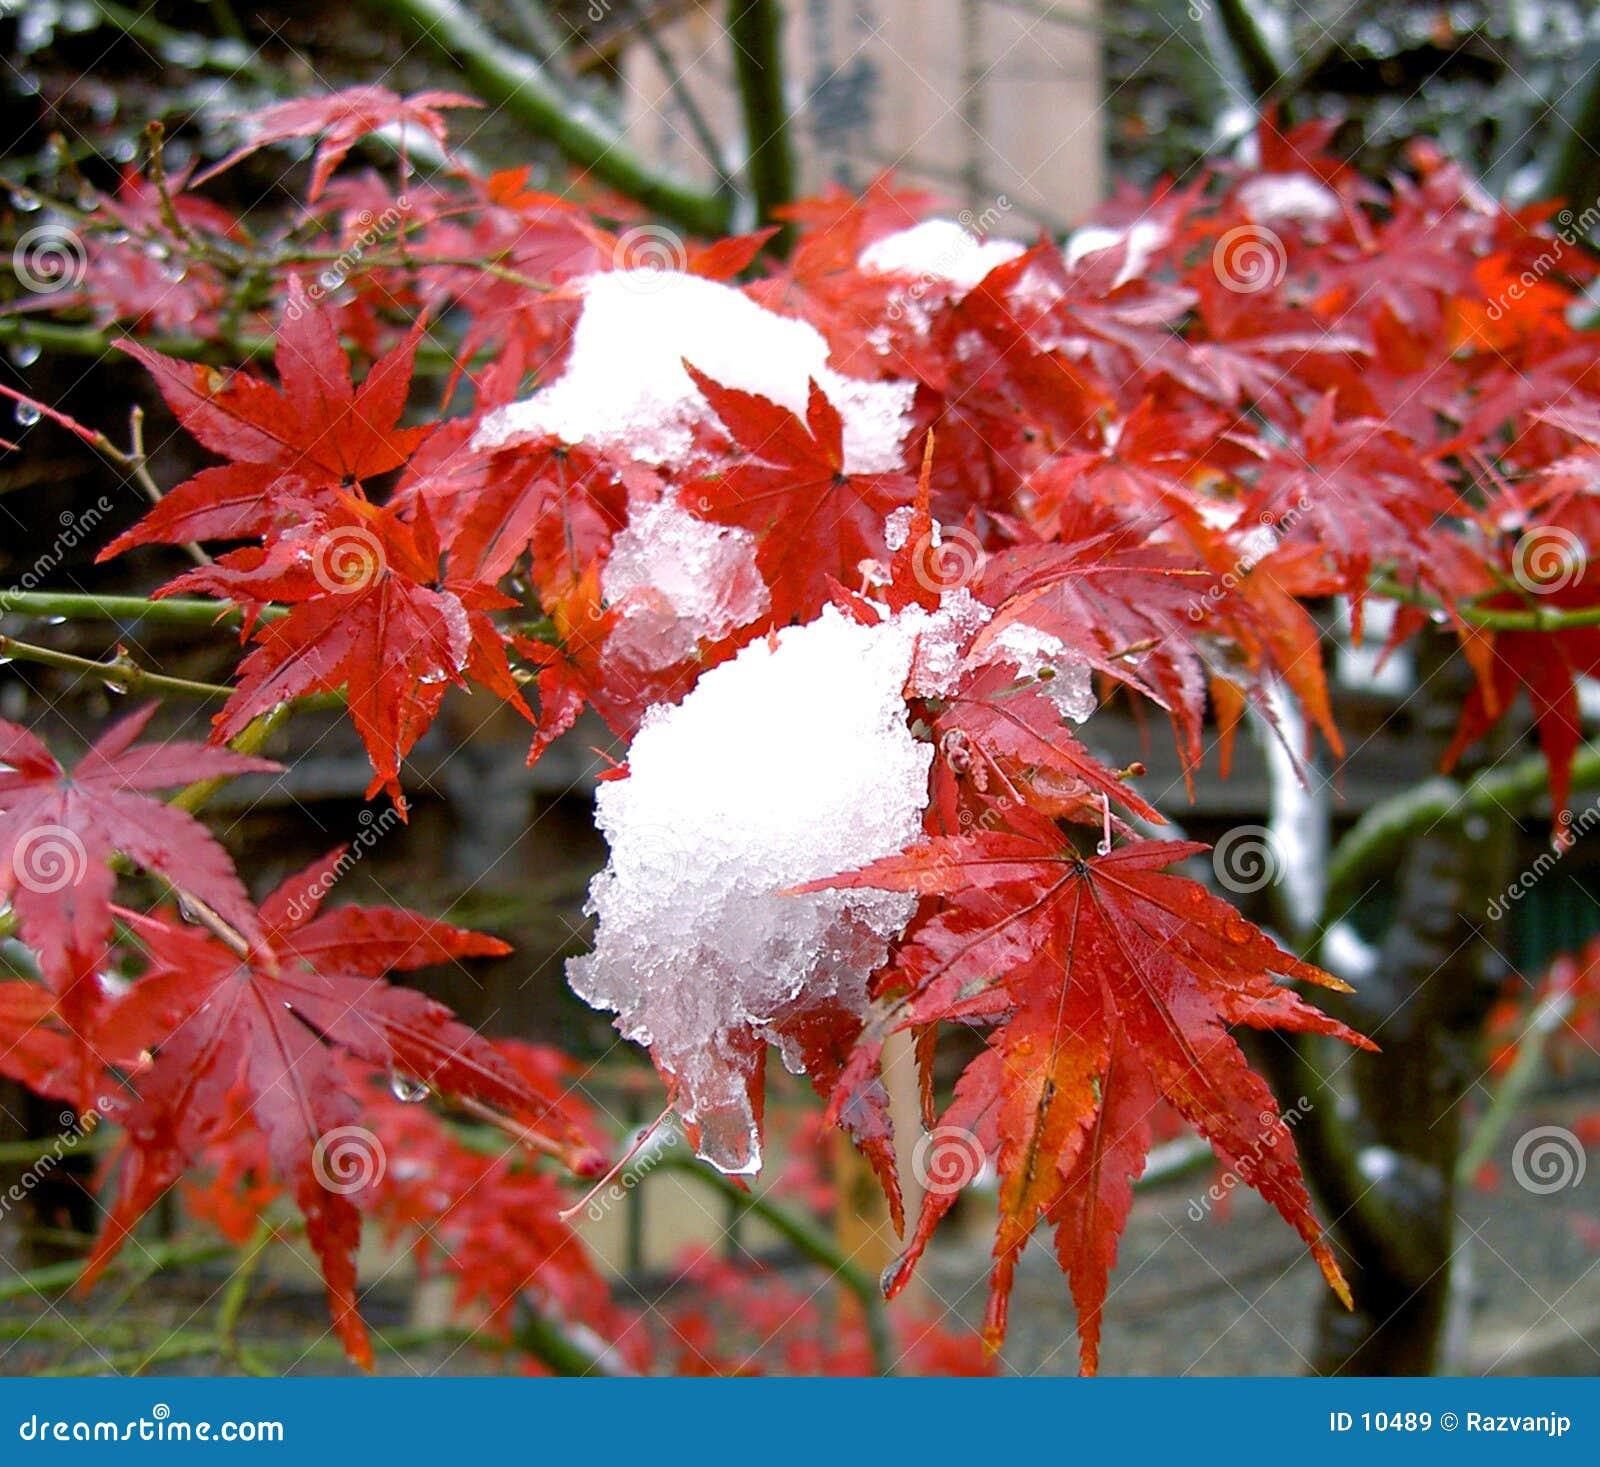 Seasons blending